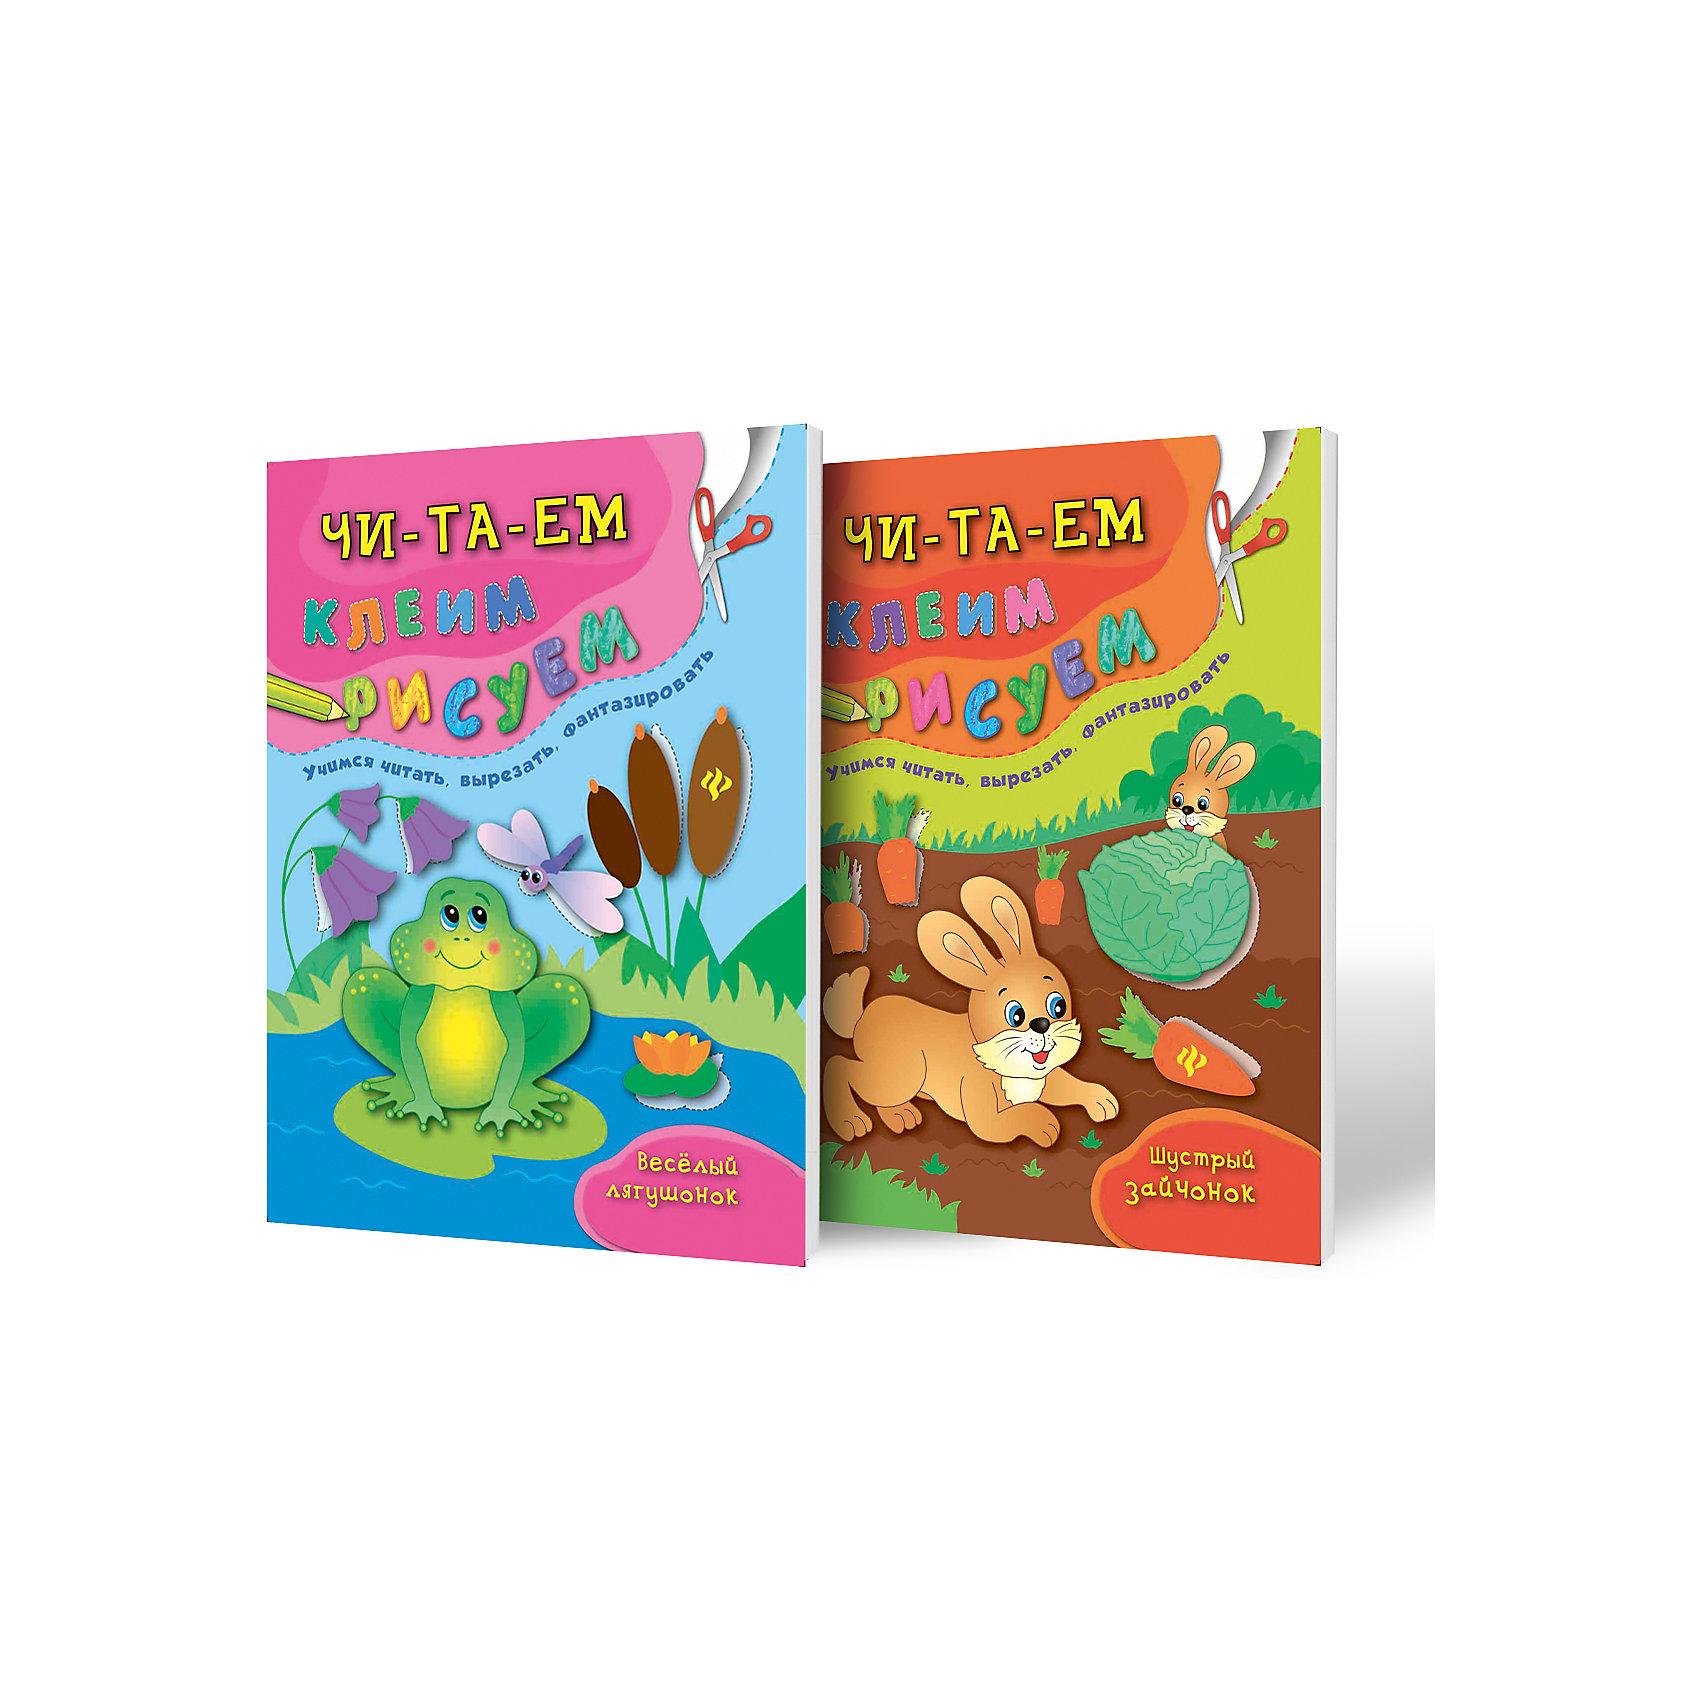 Веселый лягушонок+ шустрый зайчонокРаскраски по номерам<br>Характеристики:<br><br>• ISBN: 978-5-222-27973-1;<br>• ISBN: 978-5-222-27976-2;<br>• возраст: от 4 лет;<br>• формат: 84х108/16;<br>• бумага: офсет;<br>• тип обложки: мягкий переплет (крепление скрепкой или клеем);<br>• иллюстрации: черно-белые и цветные;<br>• серия: Читаем. Клеим. Рисуем;<br>• издательство: Феникс, 2017 г.;<br>• автор: Иванец Ирина Ивановна, Смирнова Екатерина Васильевна;<br>• редактор: Столяренко Андрей Викторович;<br>• художник: Смирнова Е.В.;<br>• количество страниц в книге: 16;<br>• размеры книги: 26х19,8х0,1 см;<br>• масса книги: 58 г.<br><br>В набор входит 2 книжки: <br><br>• «Веселый лягушонок»;<br>• «Шустрый зайчонок».<br><br>Занимательные книжки предназначены для занятий родителей с детьми. В рабочих тетрадках собраны упражнения для обучения чтению и письму, иллюстрации для раскрашивания и наборы для создания поделок.<br><br>Также в книге есть интересные рассказы о приключениях веселых животных.<br><br>Набор книг «Веселый лягушонок + Шустрый зайчонок», Иванец И.И., Смирнова Е.В., Феникс, можно купить в нашем интернет-магазине.<br><br>Ширина мм: 260<br>Глубина мм: 198<br>Высота мм: 40<br>Вес г: 348<br>Возраст от месяцев: 48<br>Возраст до месяцев: 2147483647<br>Пол: Унисекс<br>Возраст: Детский<br>SKU: 6873653